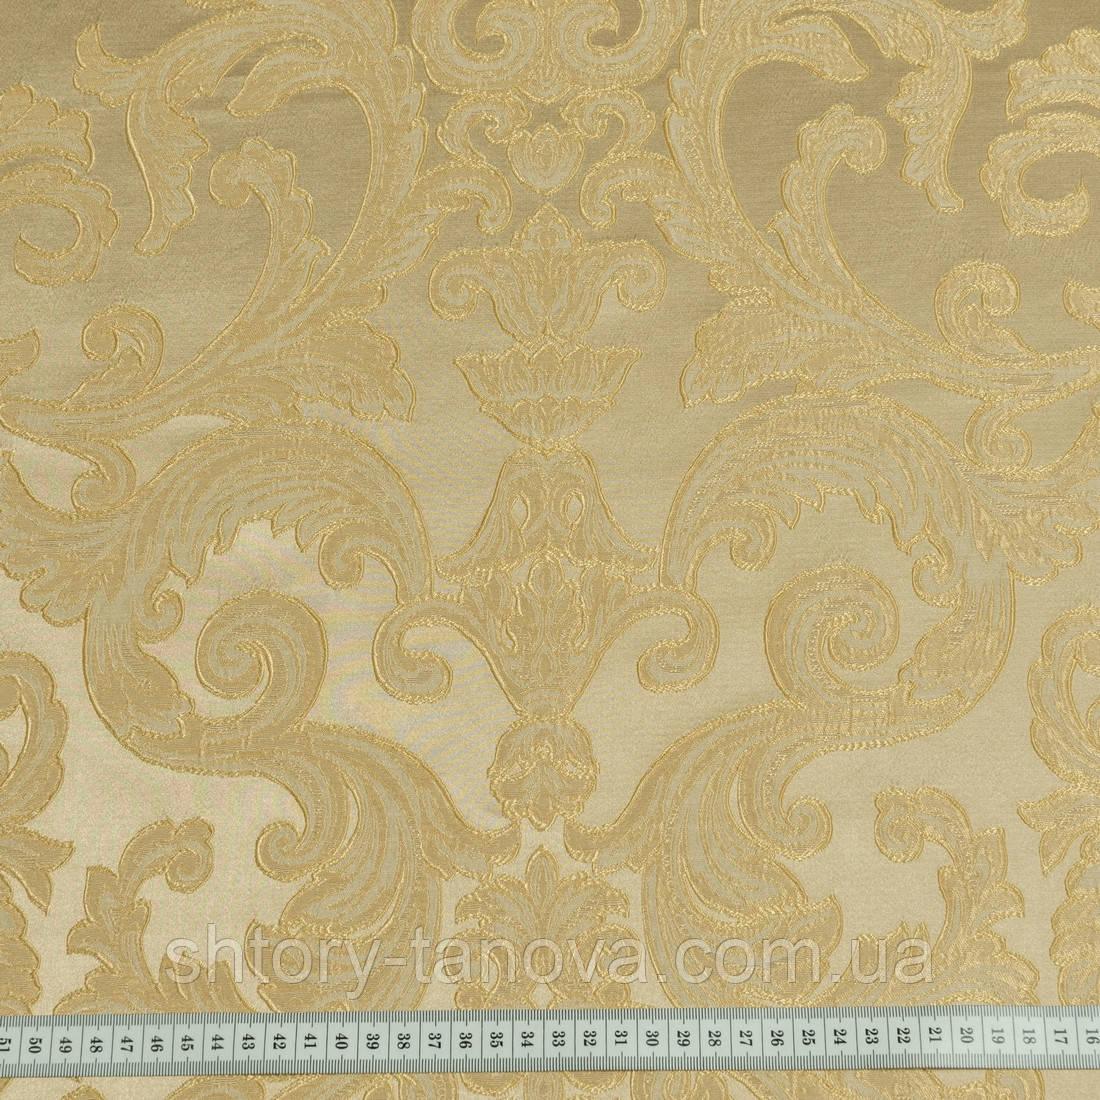 Портьерная ткань ревью фон беж-золото